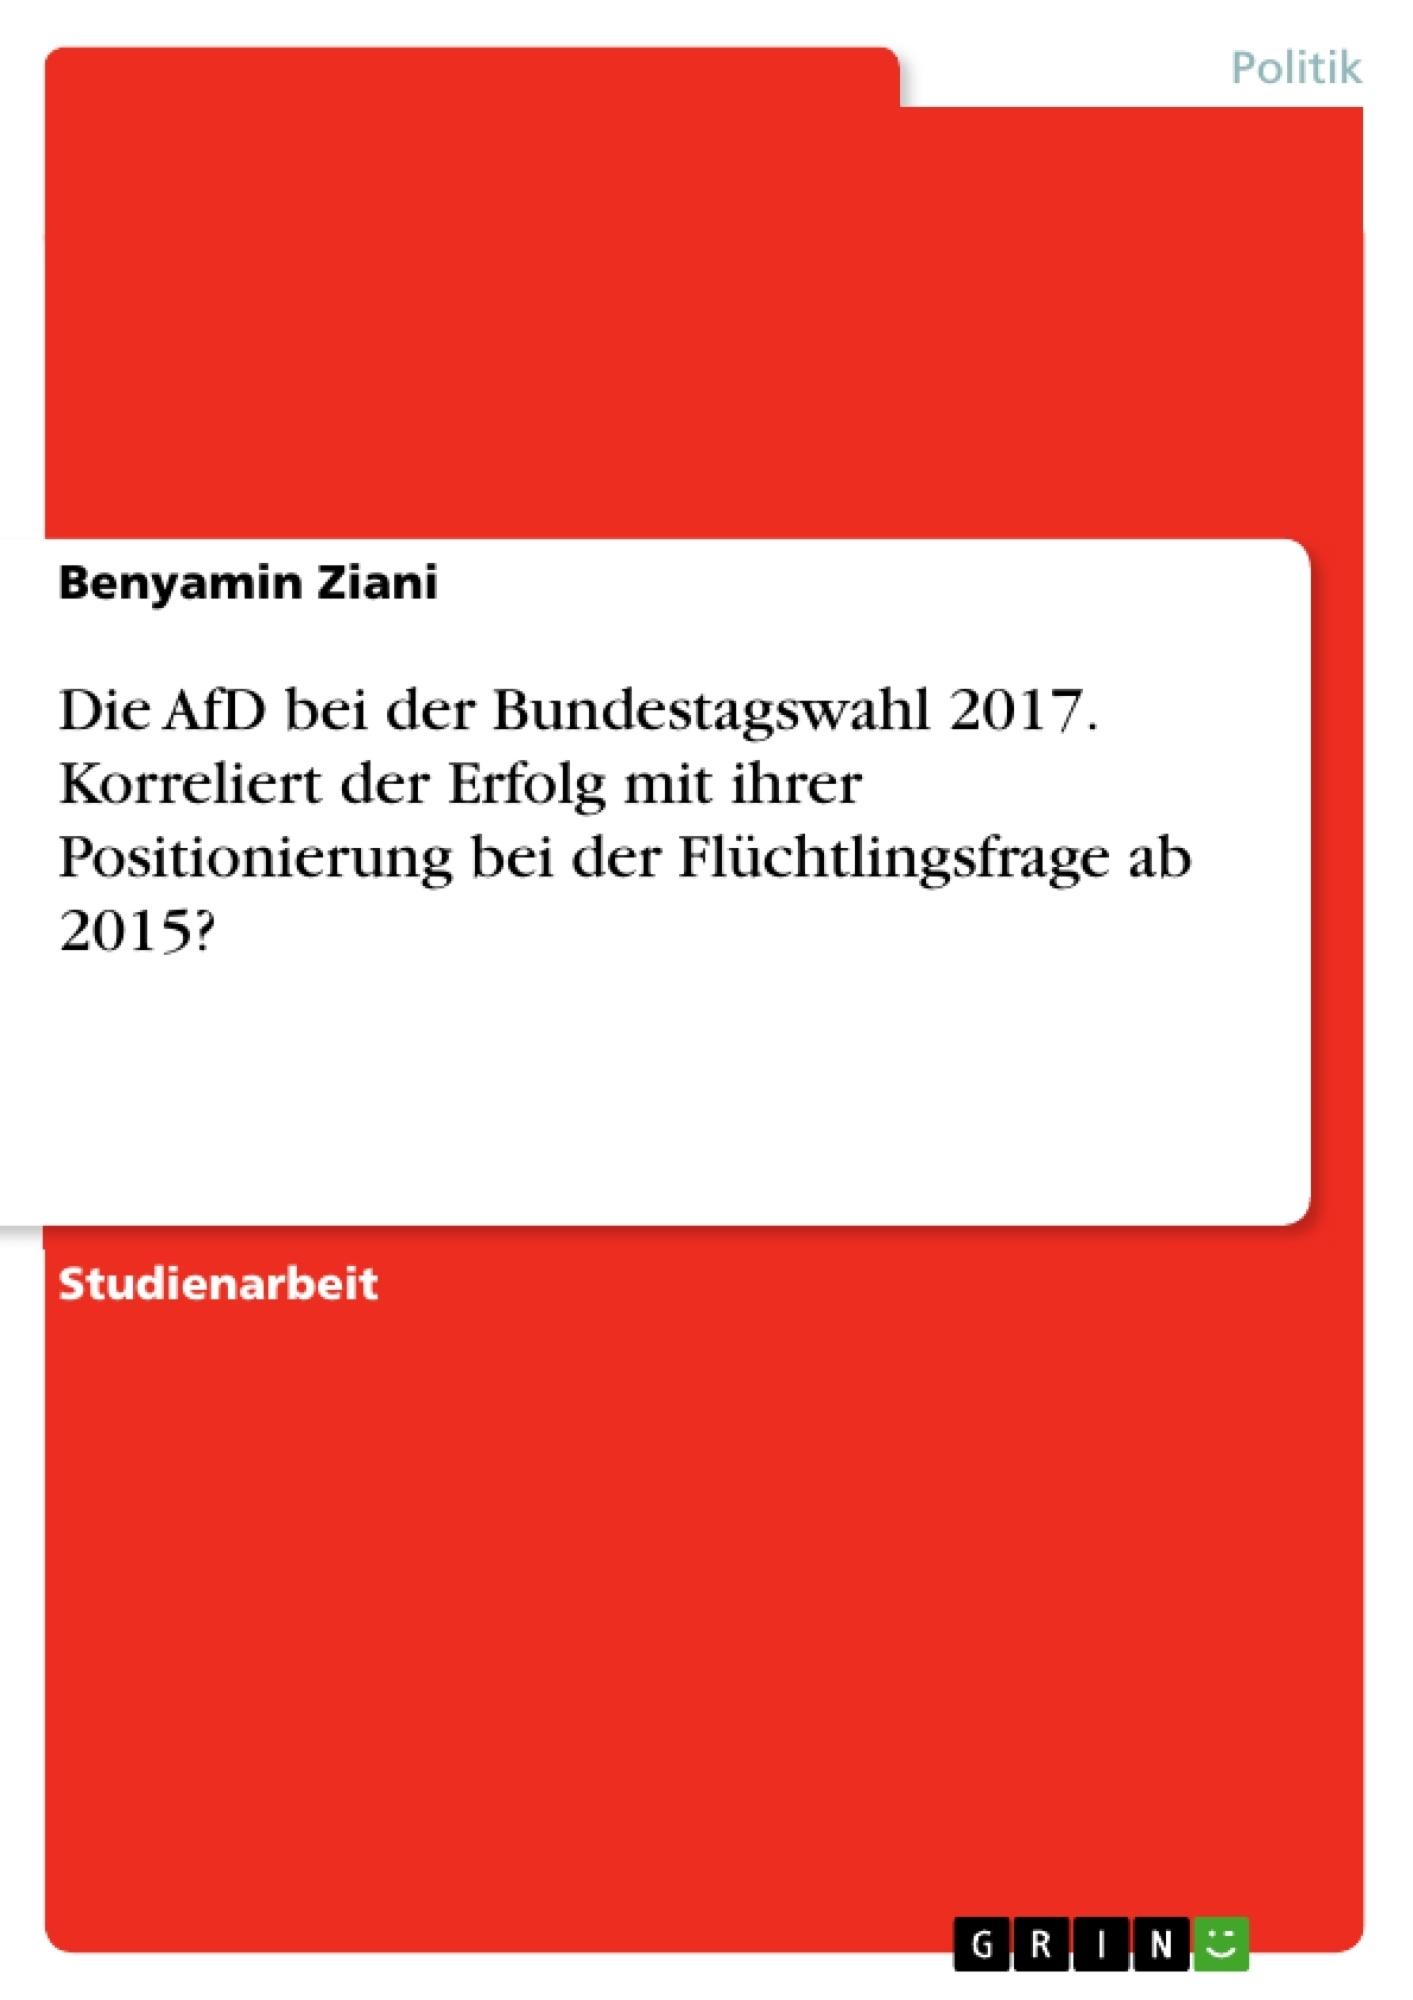 Titel: Die AfD bei der Bundestagswahl 2017. Korreliert der Erfolg mit ihrer Positionierung bei der Flüchtlingsfrage ab 2015?